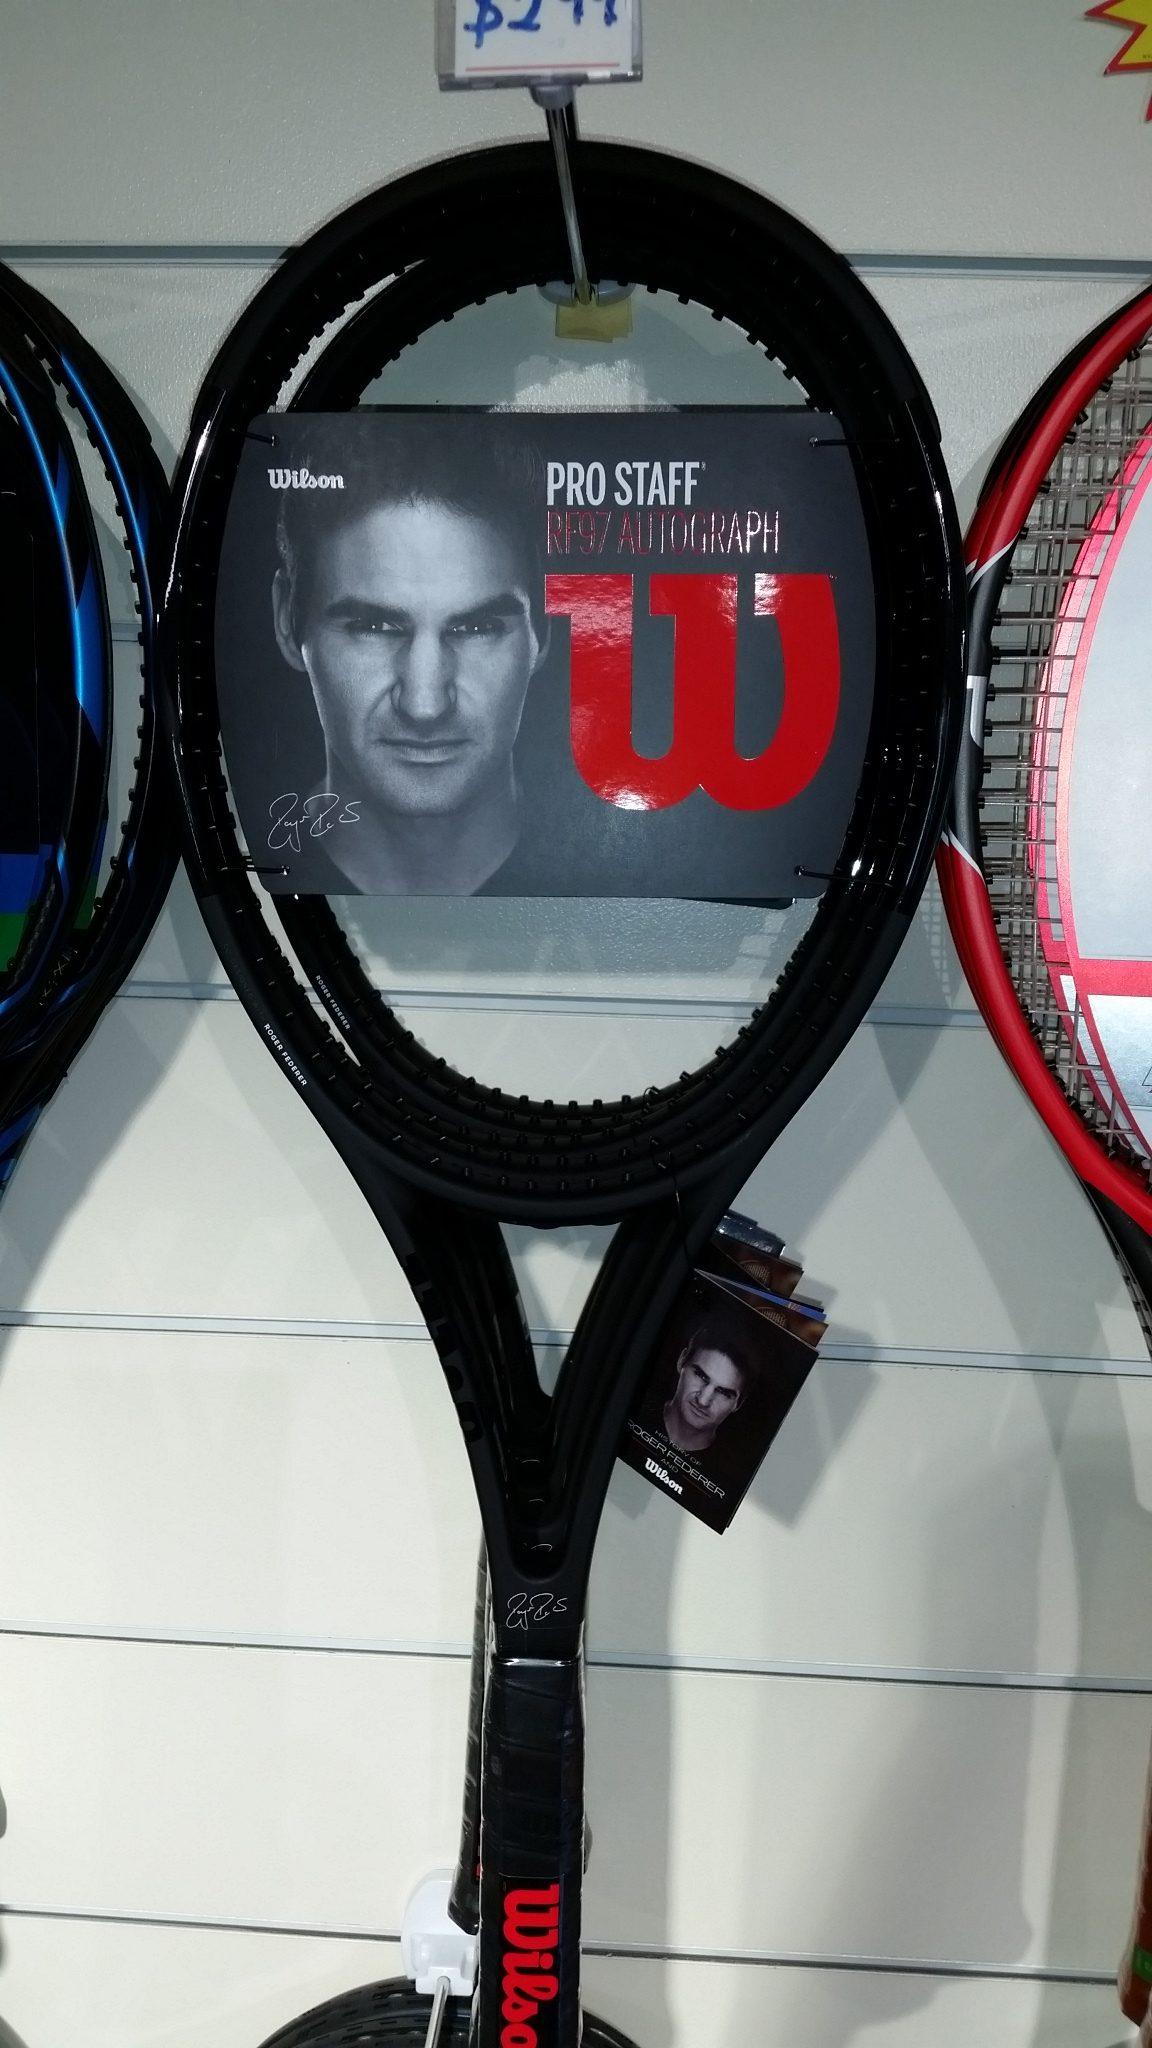 3d520413f Wilson Pro Staff 97 Autograph 2017 - Tennis Racquet